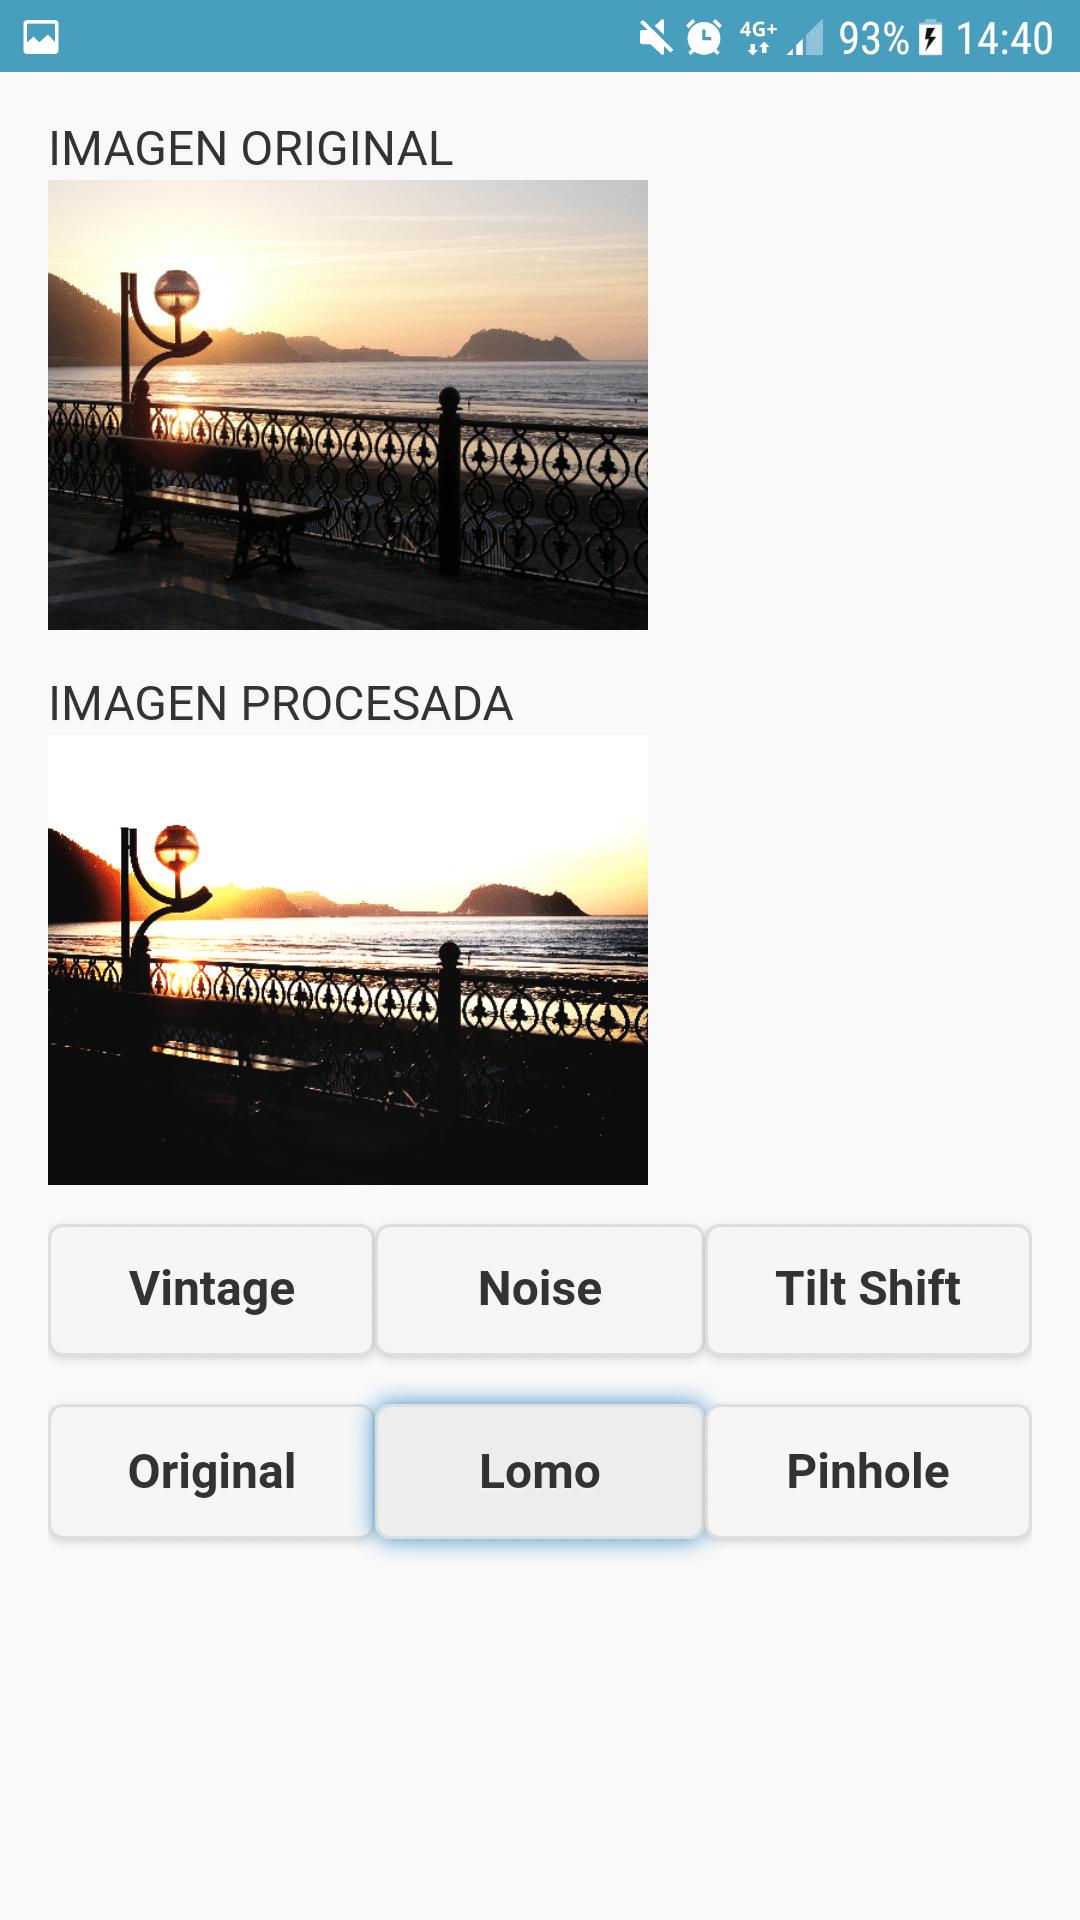 Filtros procesamiento imagen